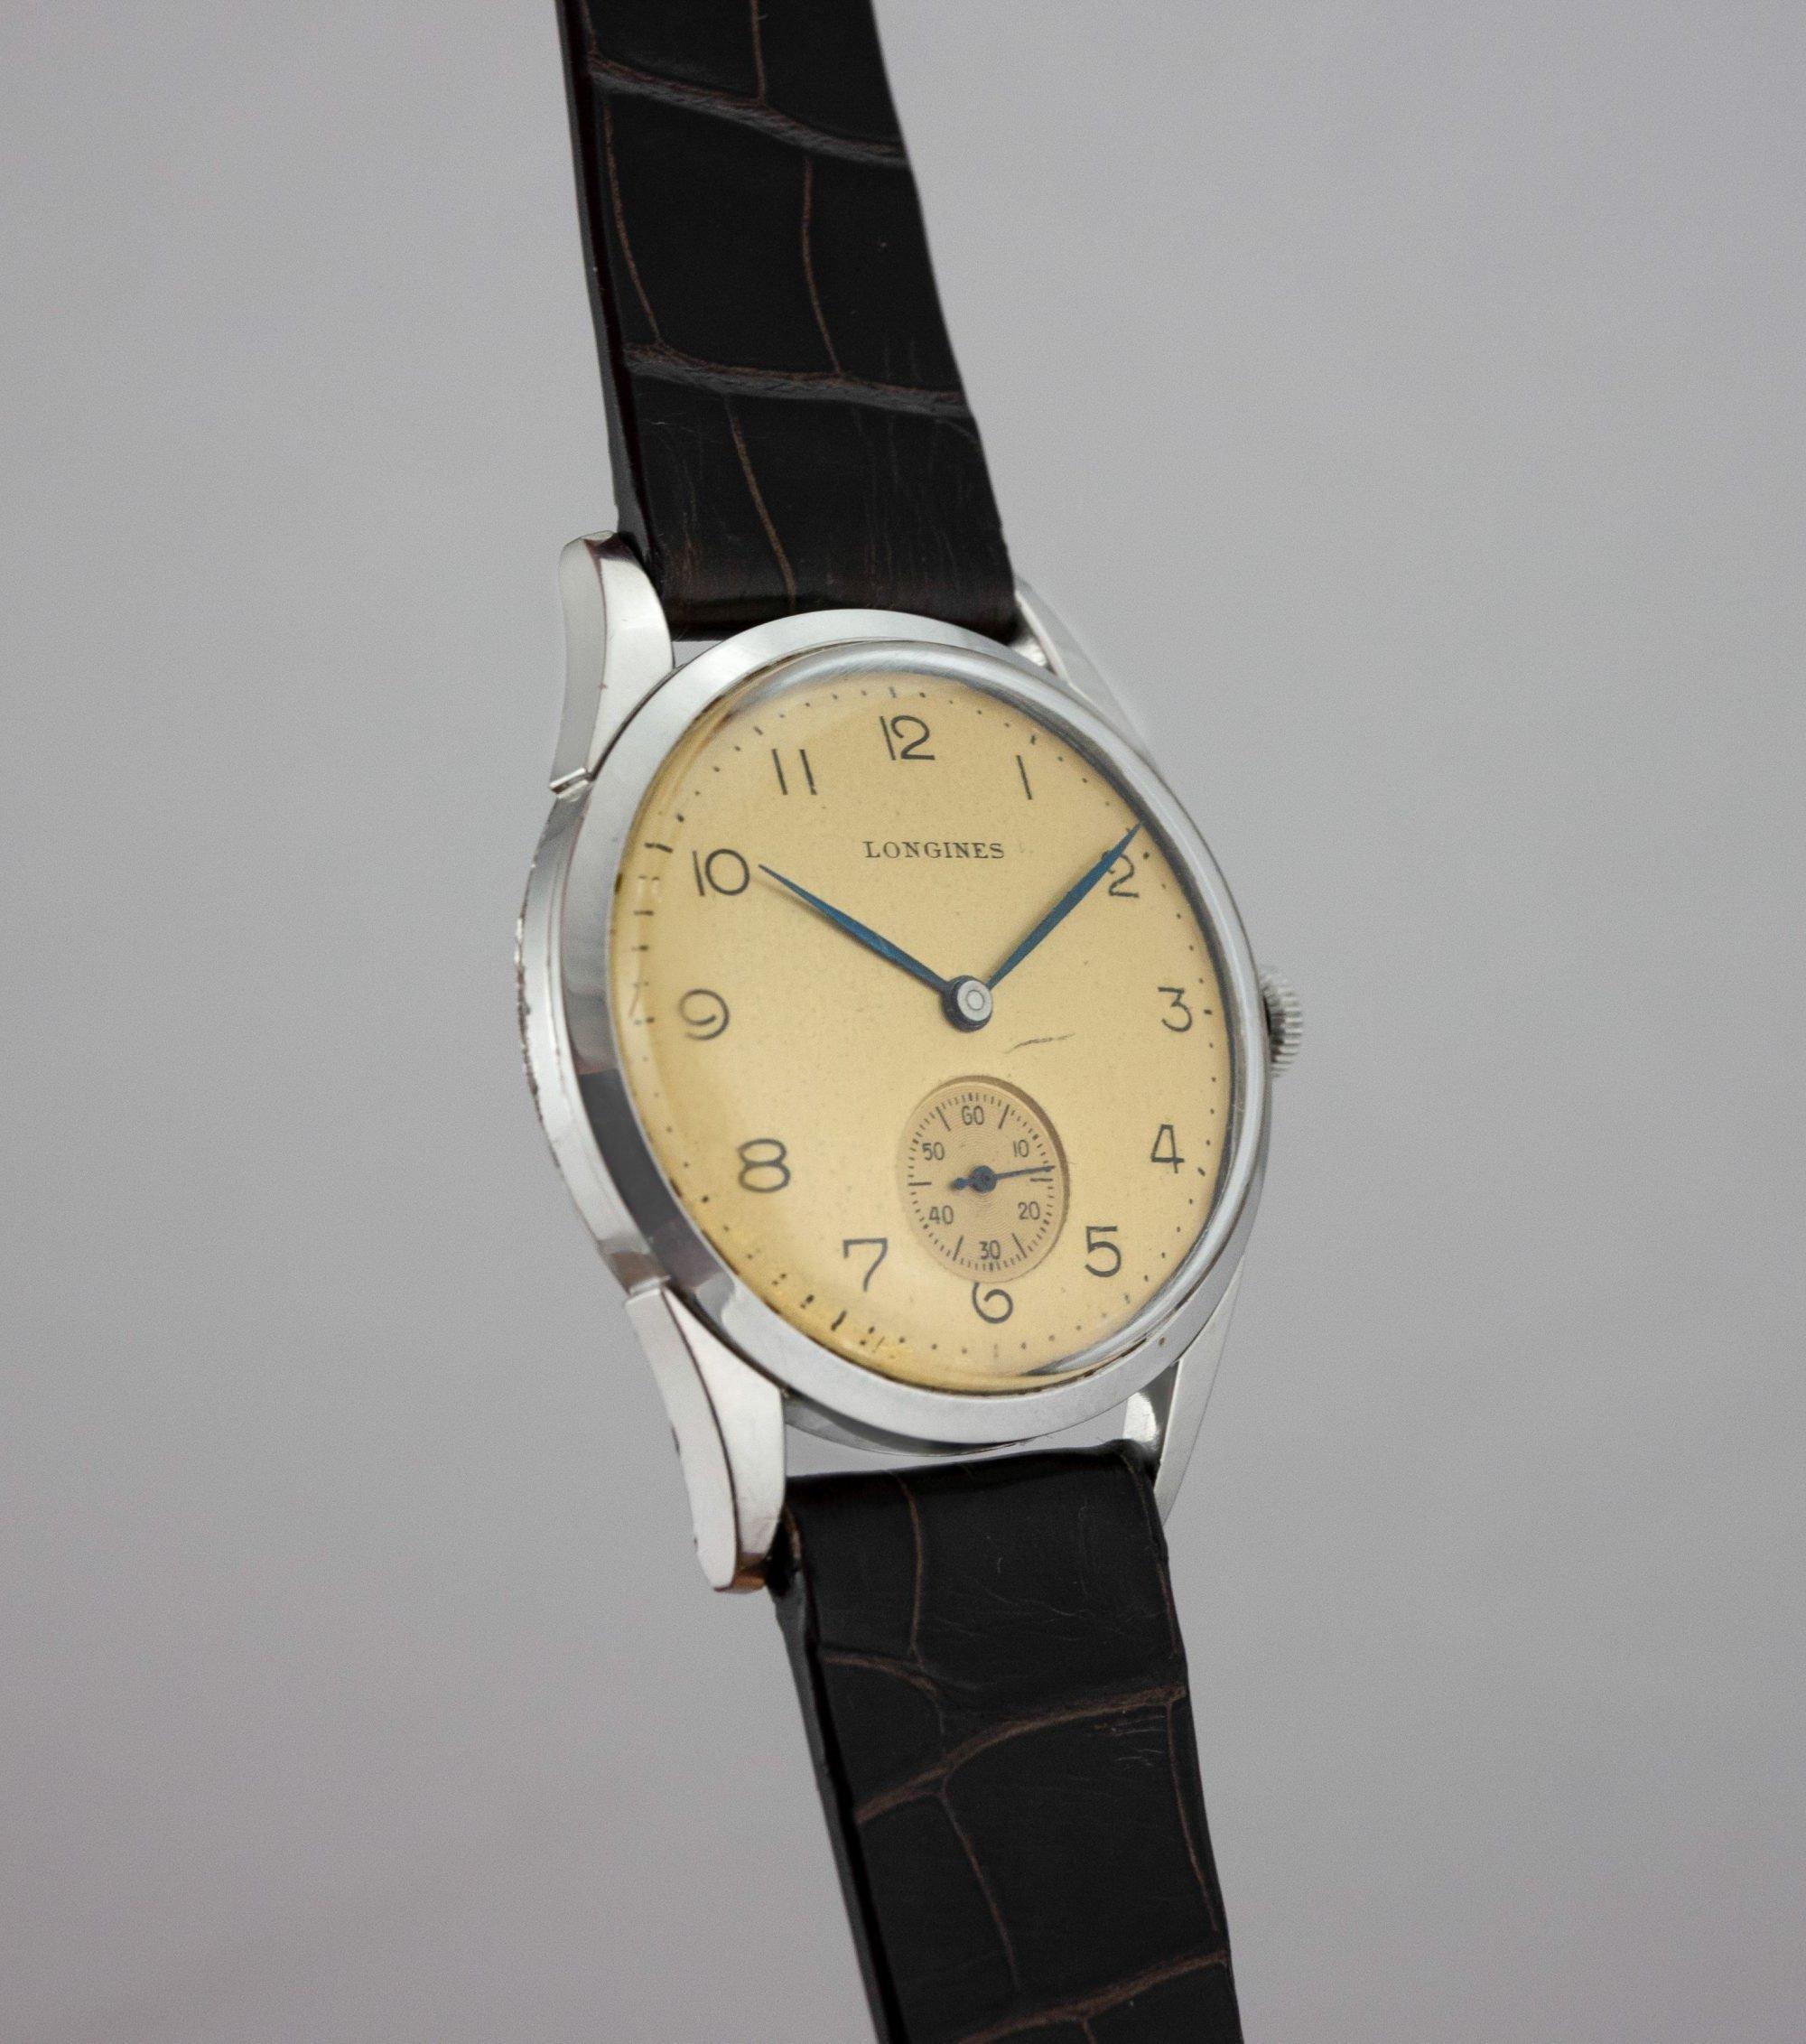 Vintage Longines cal. 12.68 Calatrava sub seconds arabic numerals